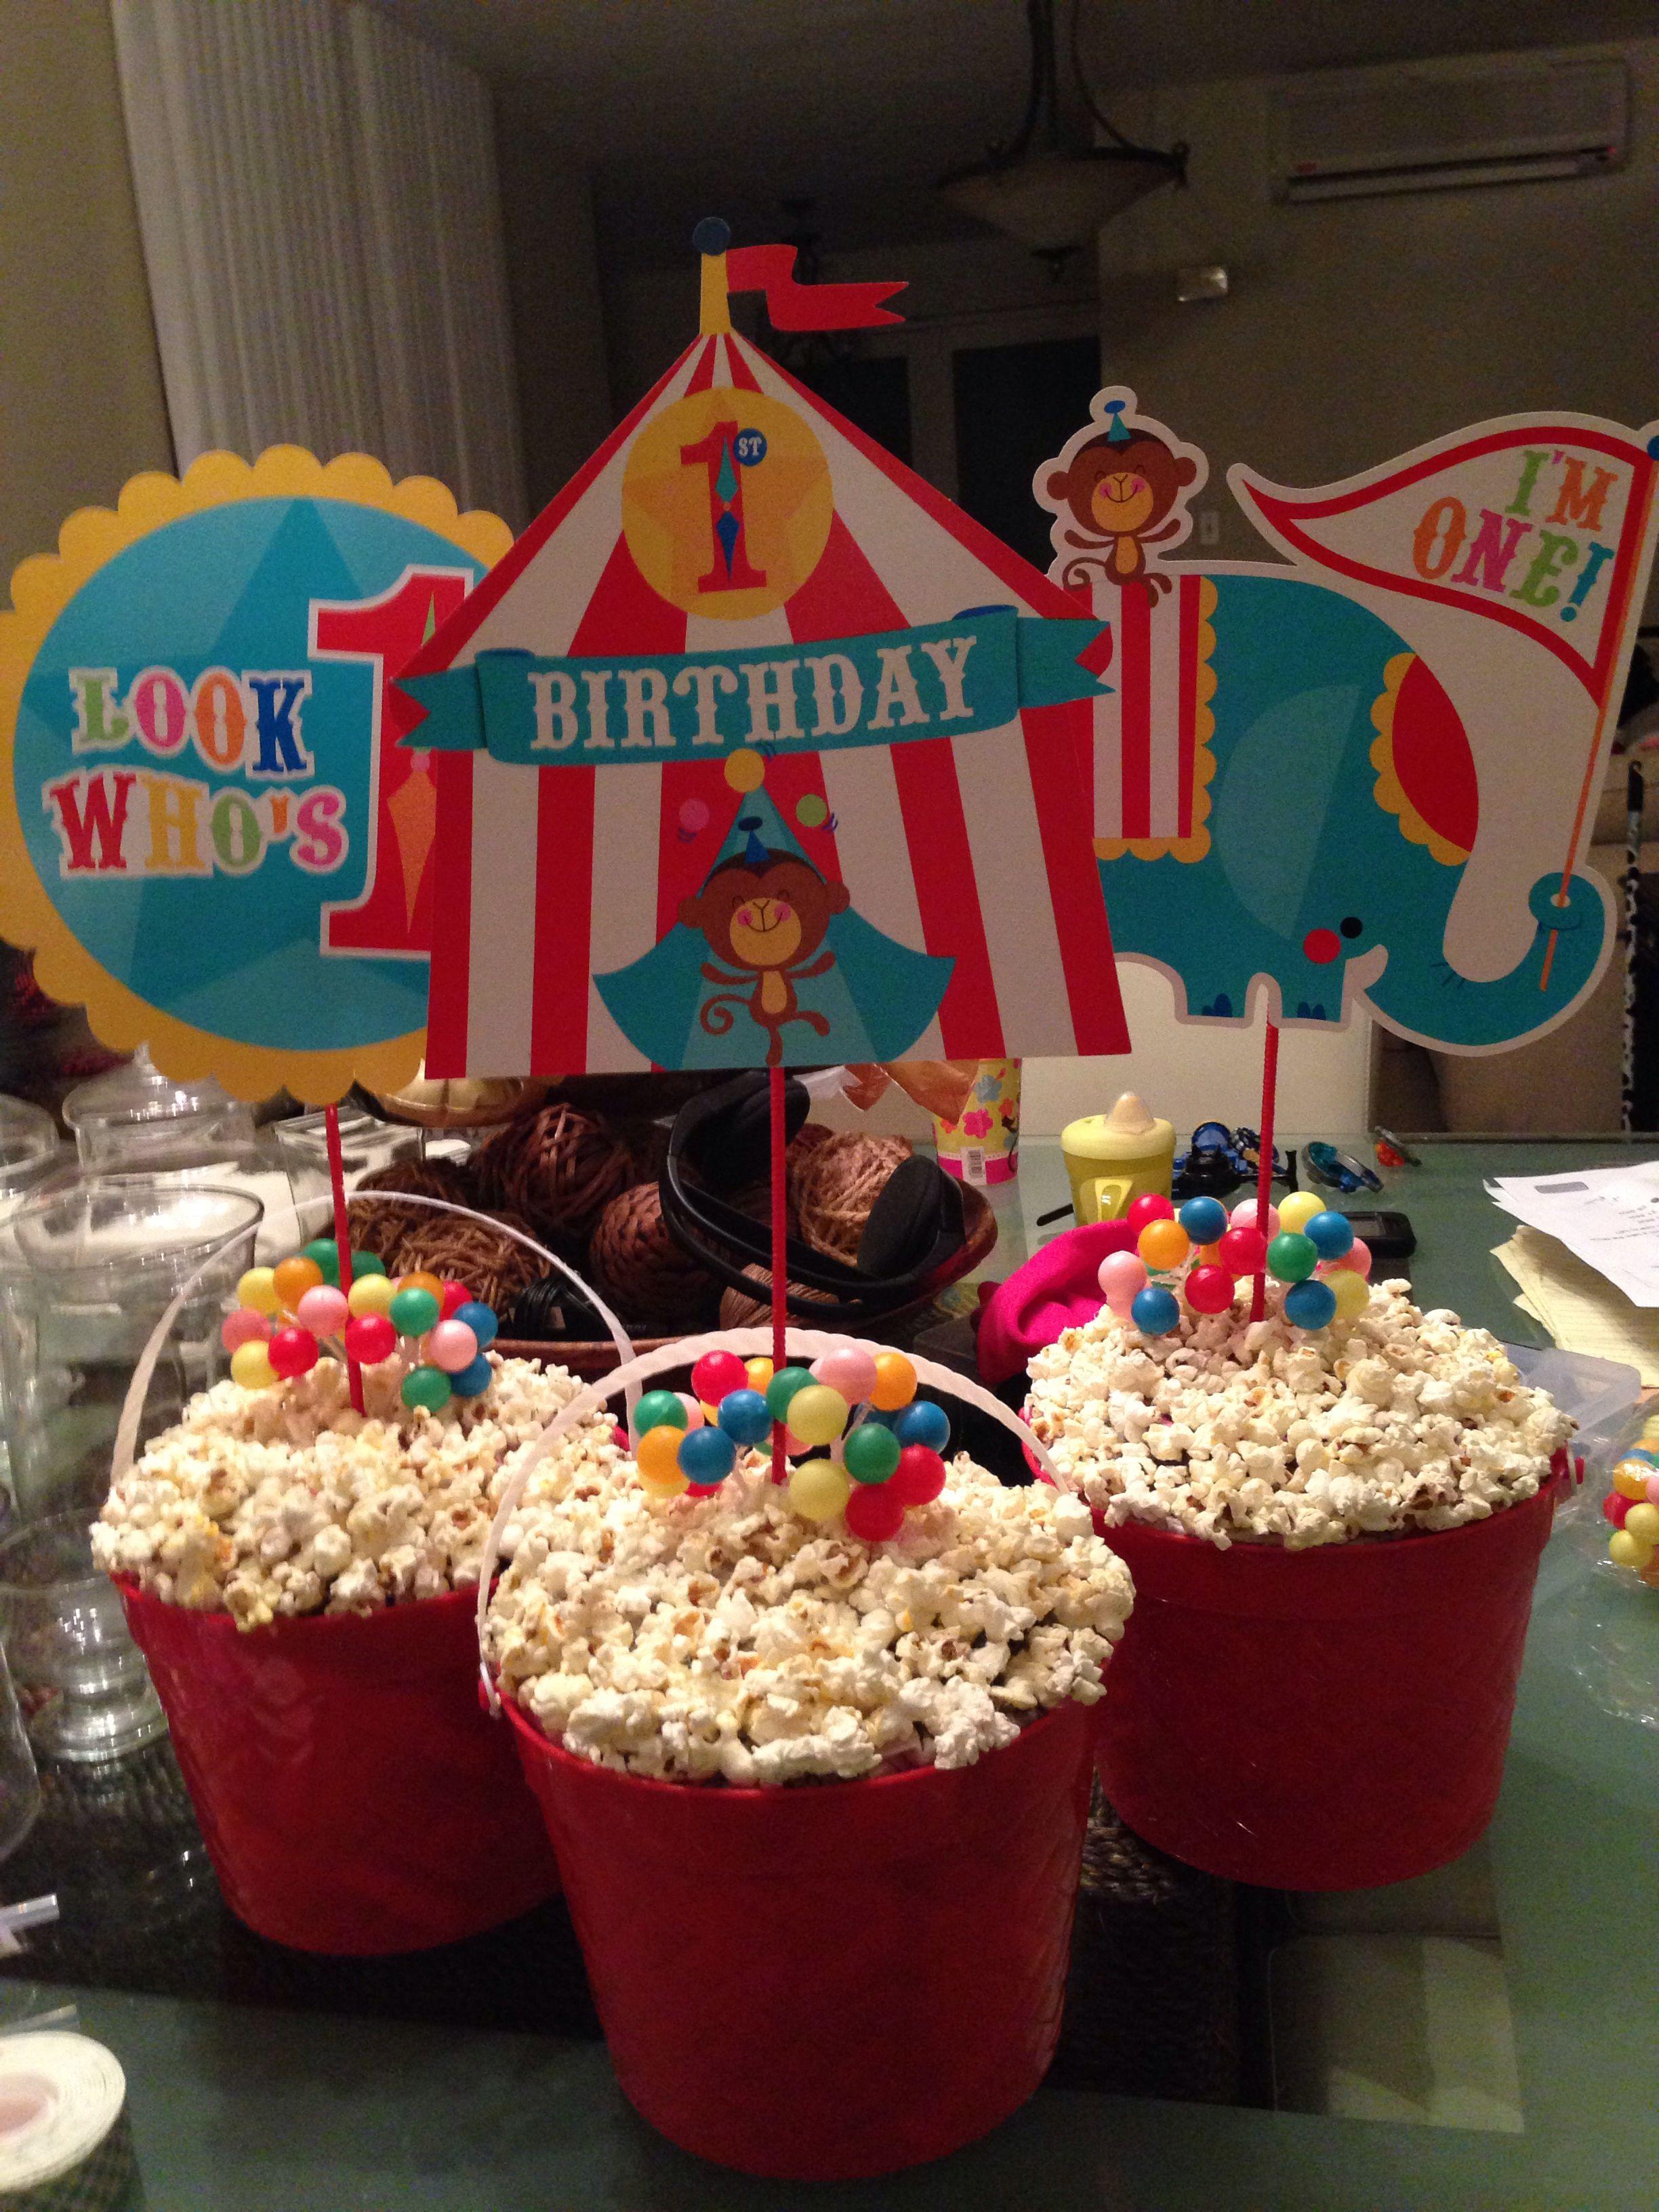 Centros de mesa para cumplea os de ni os birthday 39 s - Centros de mesa para cumpleanos ...